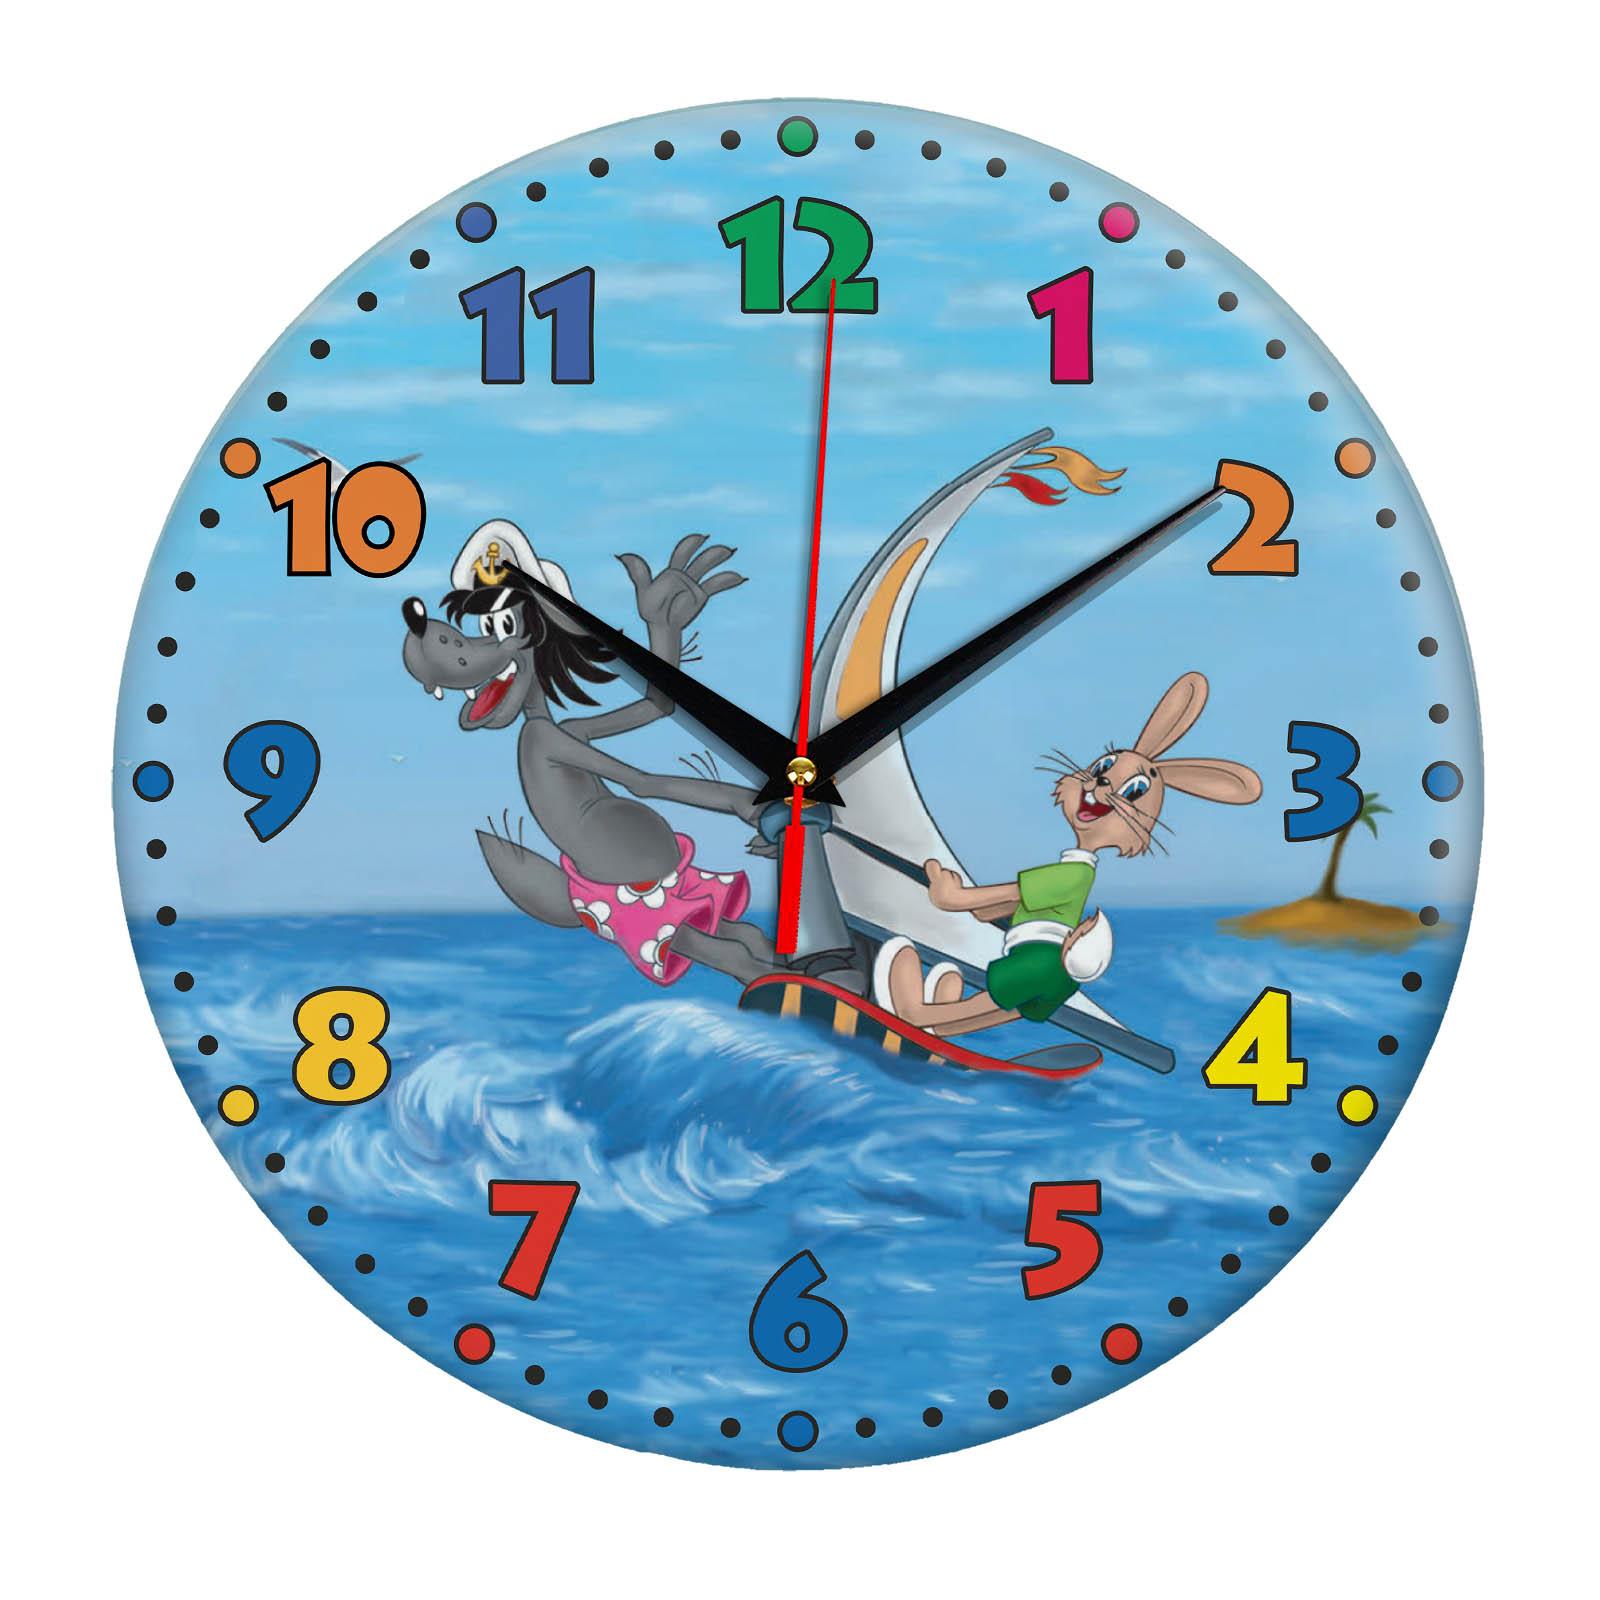 Часы с принтами из мультиков